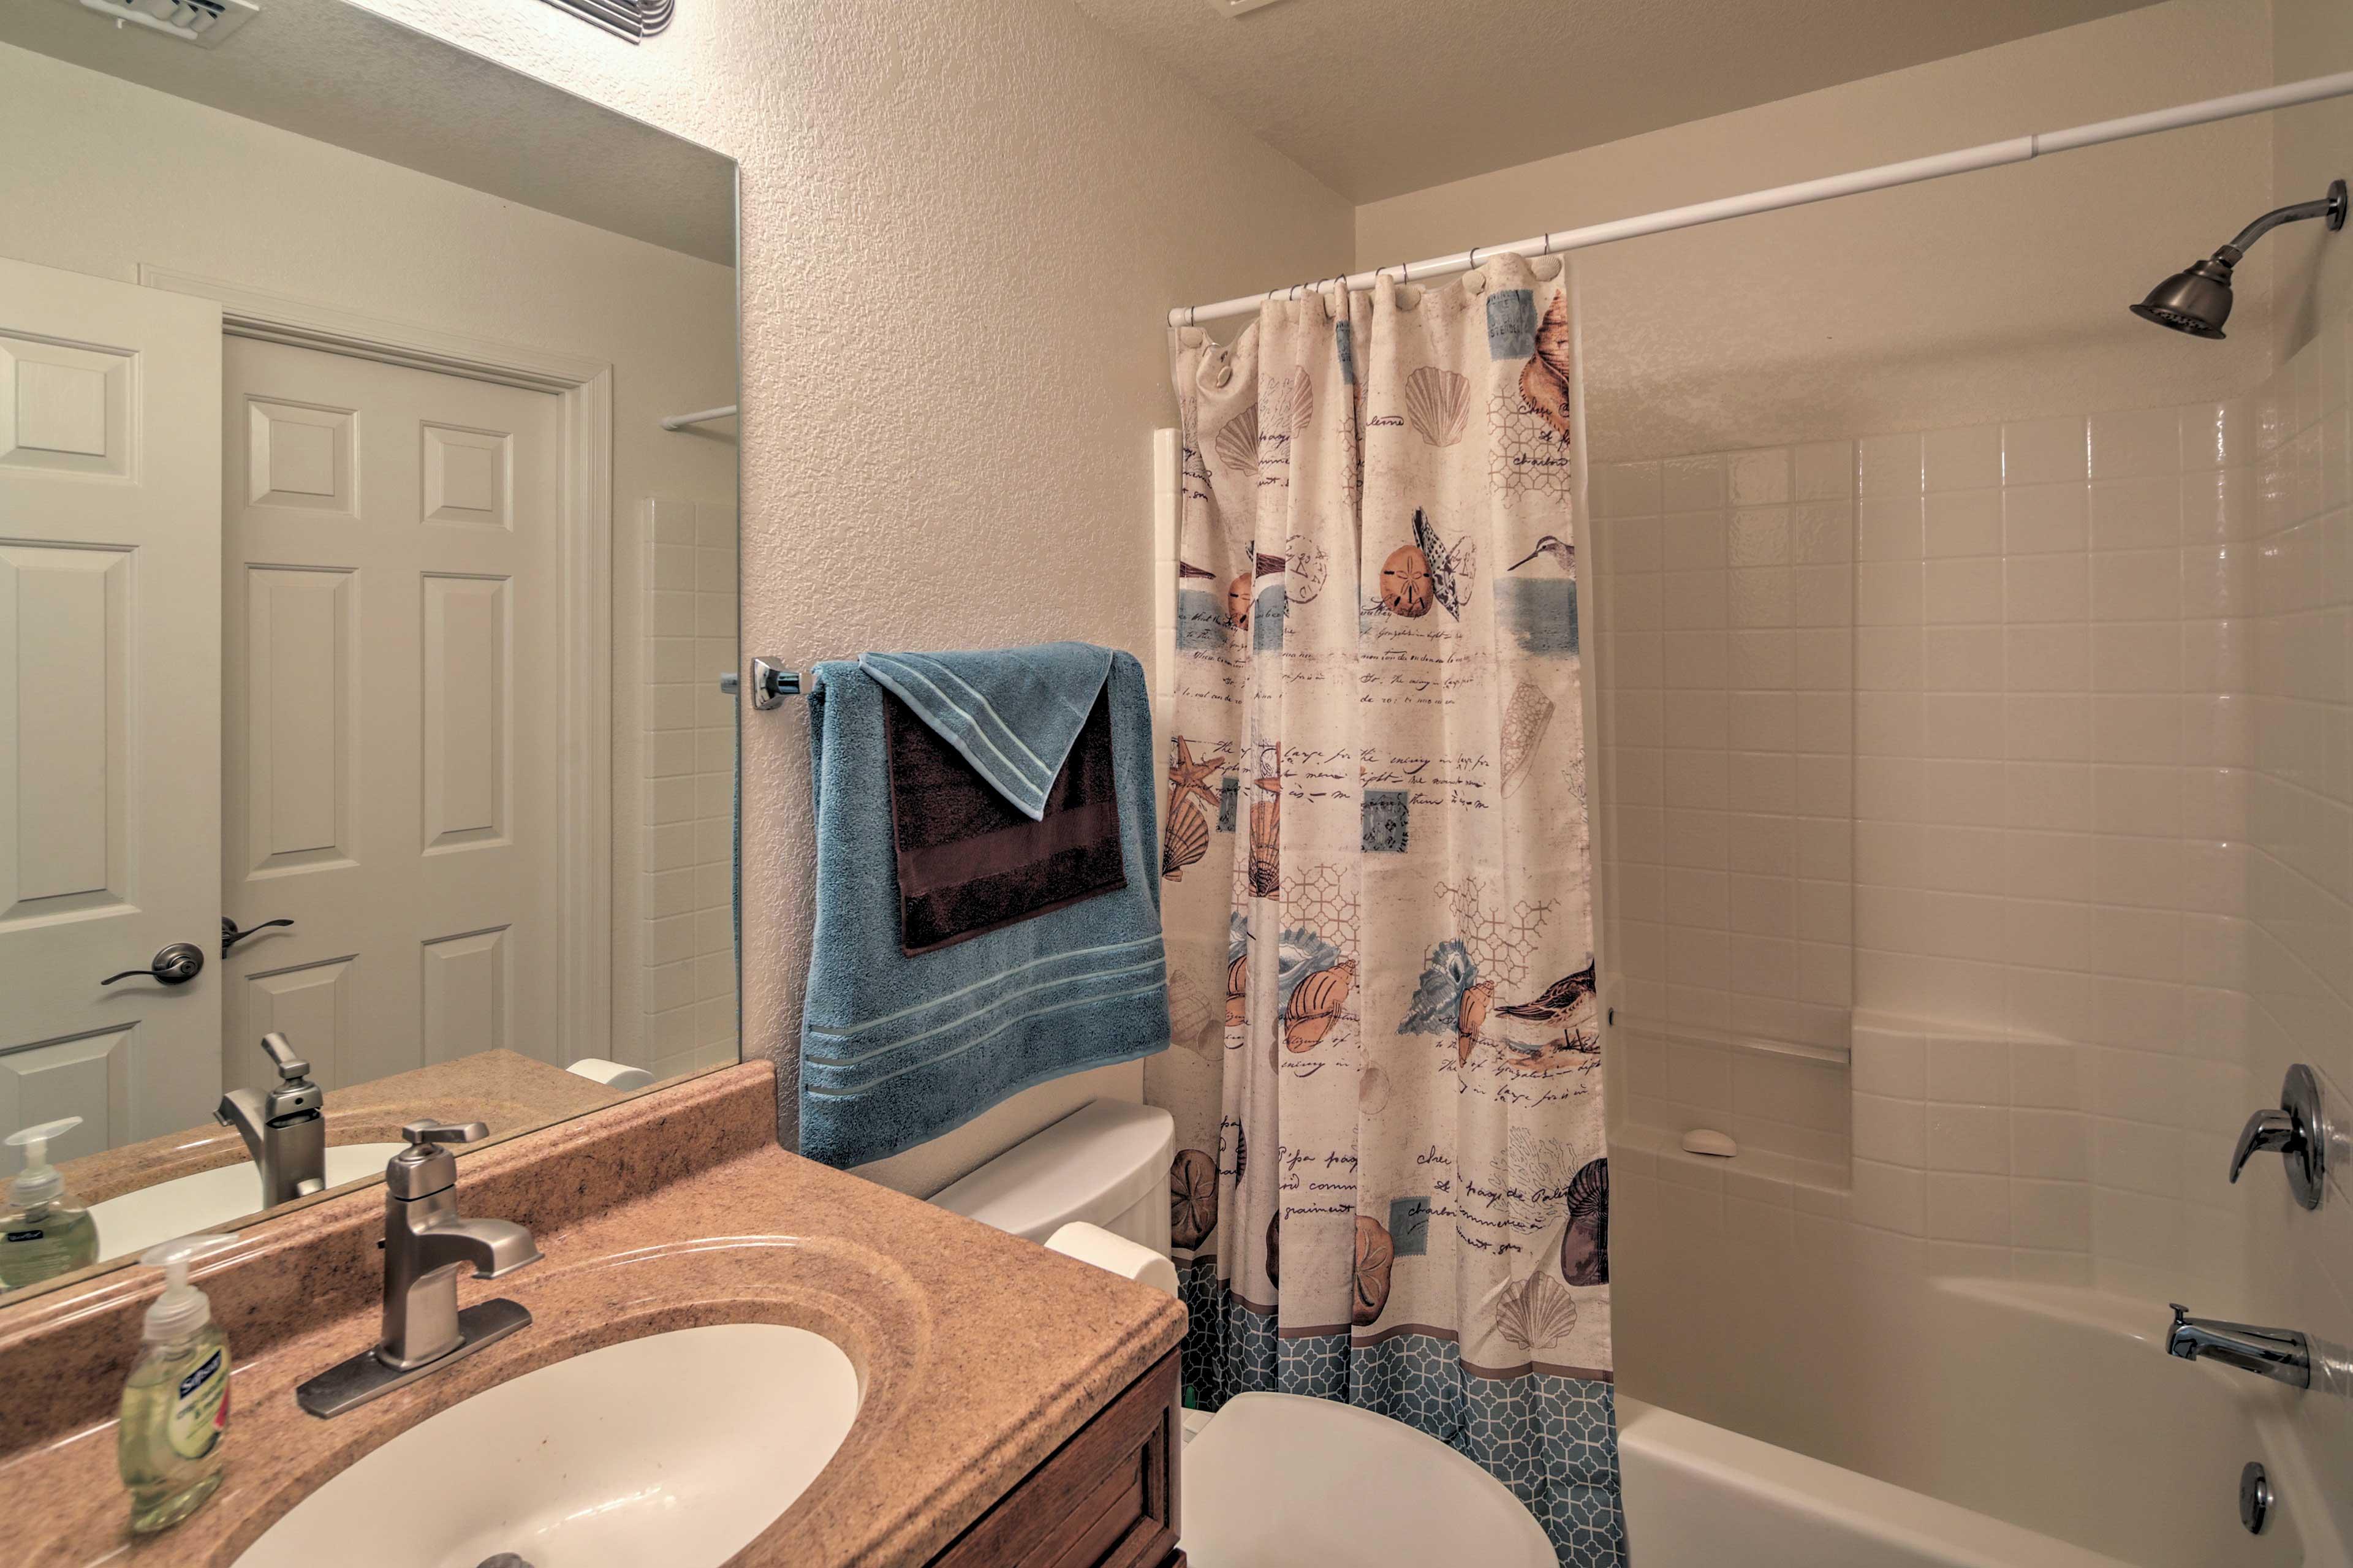 Boasting a granite vanity this bathroom is elegant and practical.